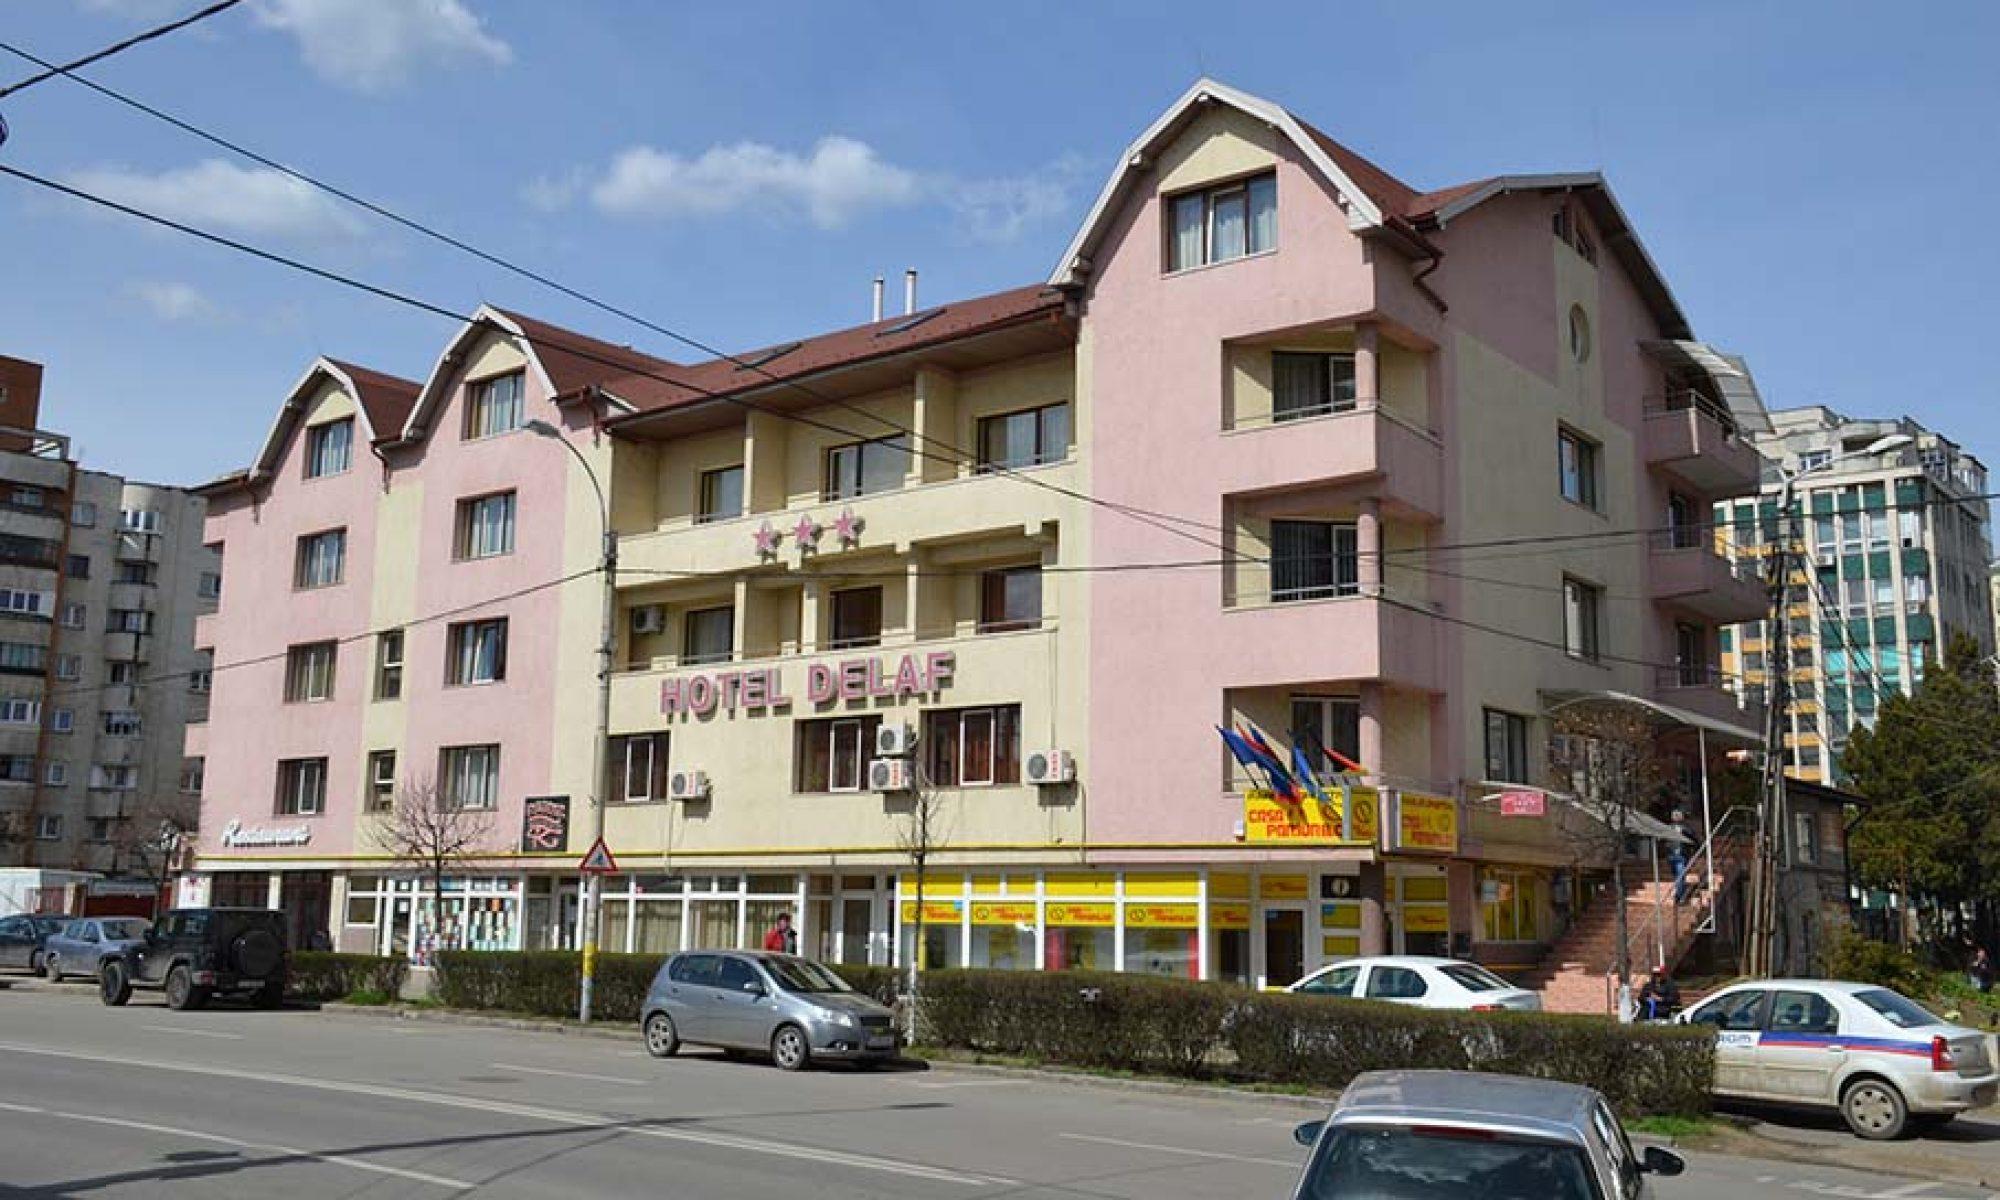 Hotel Delaf *** Cluj-Napoca